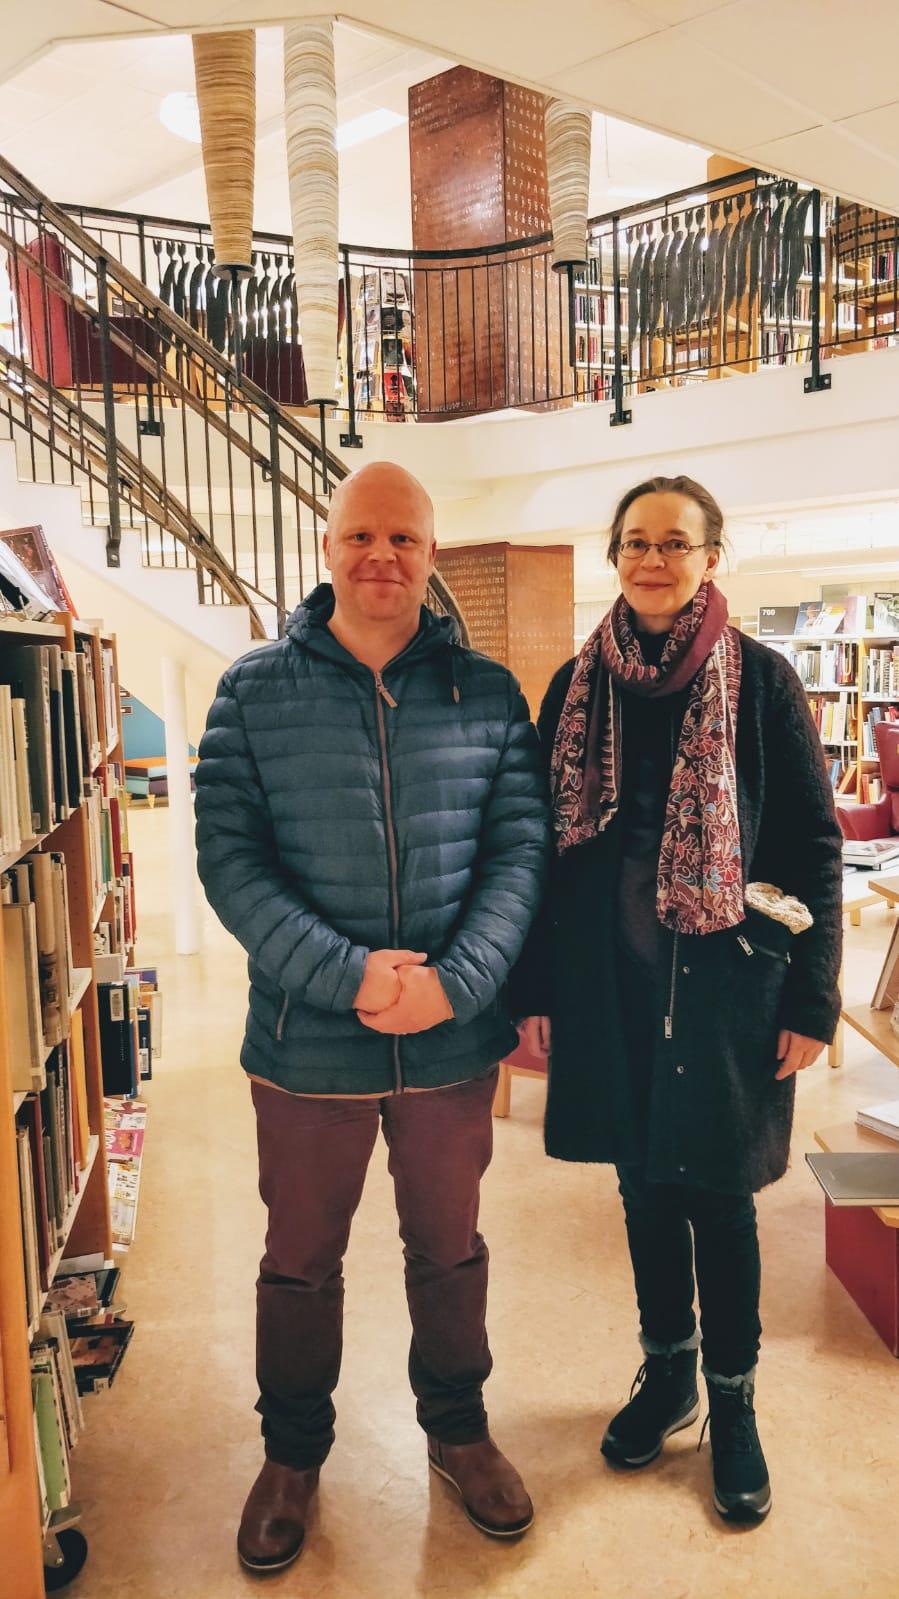 Oikealla Anne-Maaria Saransalmi, Haaparannan Kaupunginkirjasto